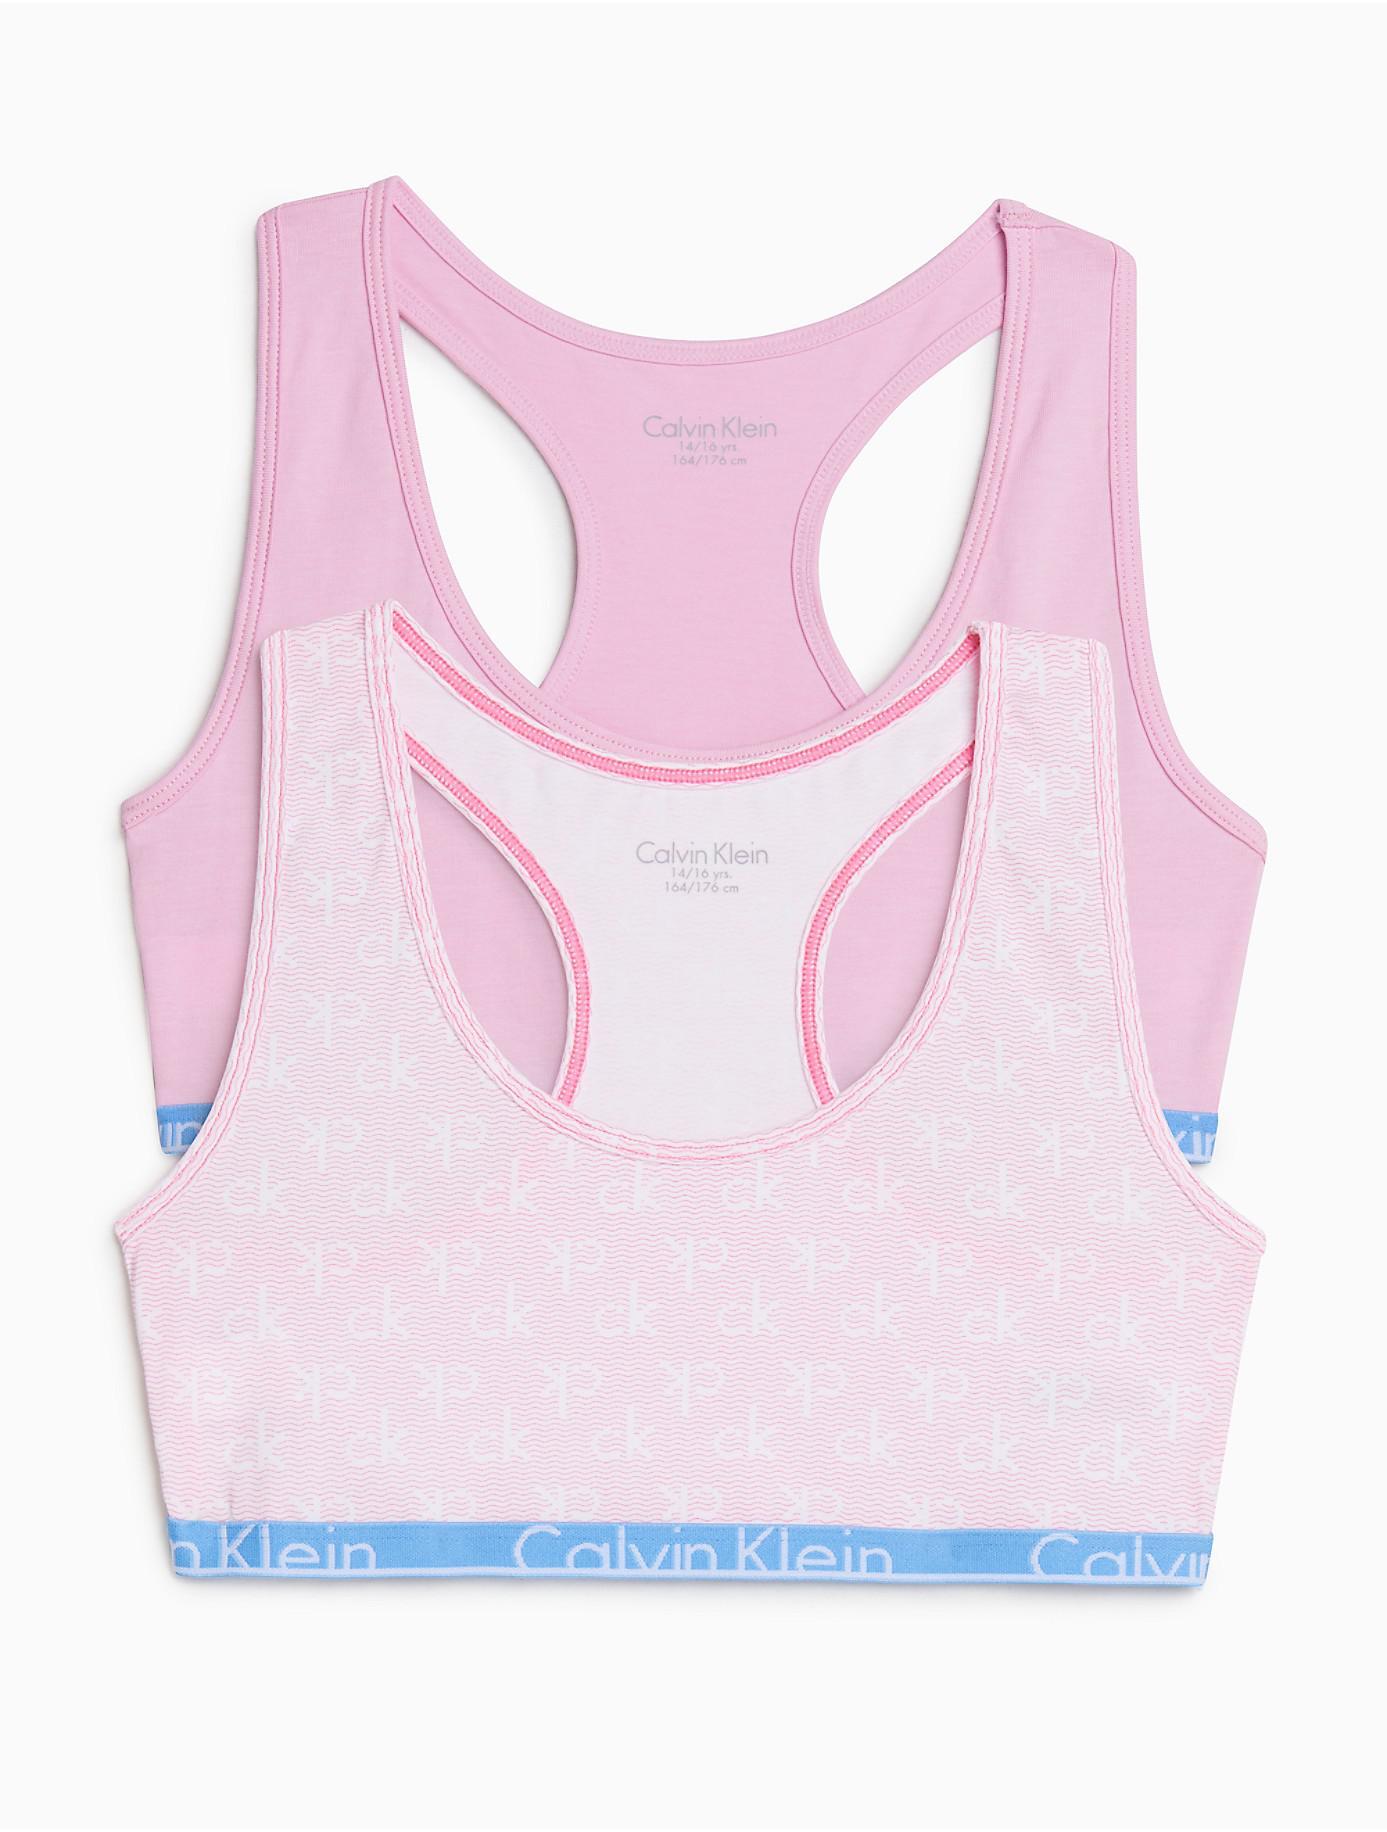 7b00dfebe91 Lyst - Calvin Klein 205W39Nyc Girls 2-pack Modern Cotton Bralette in ...